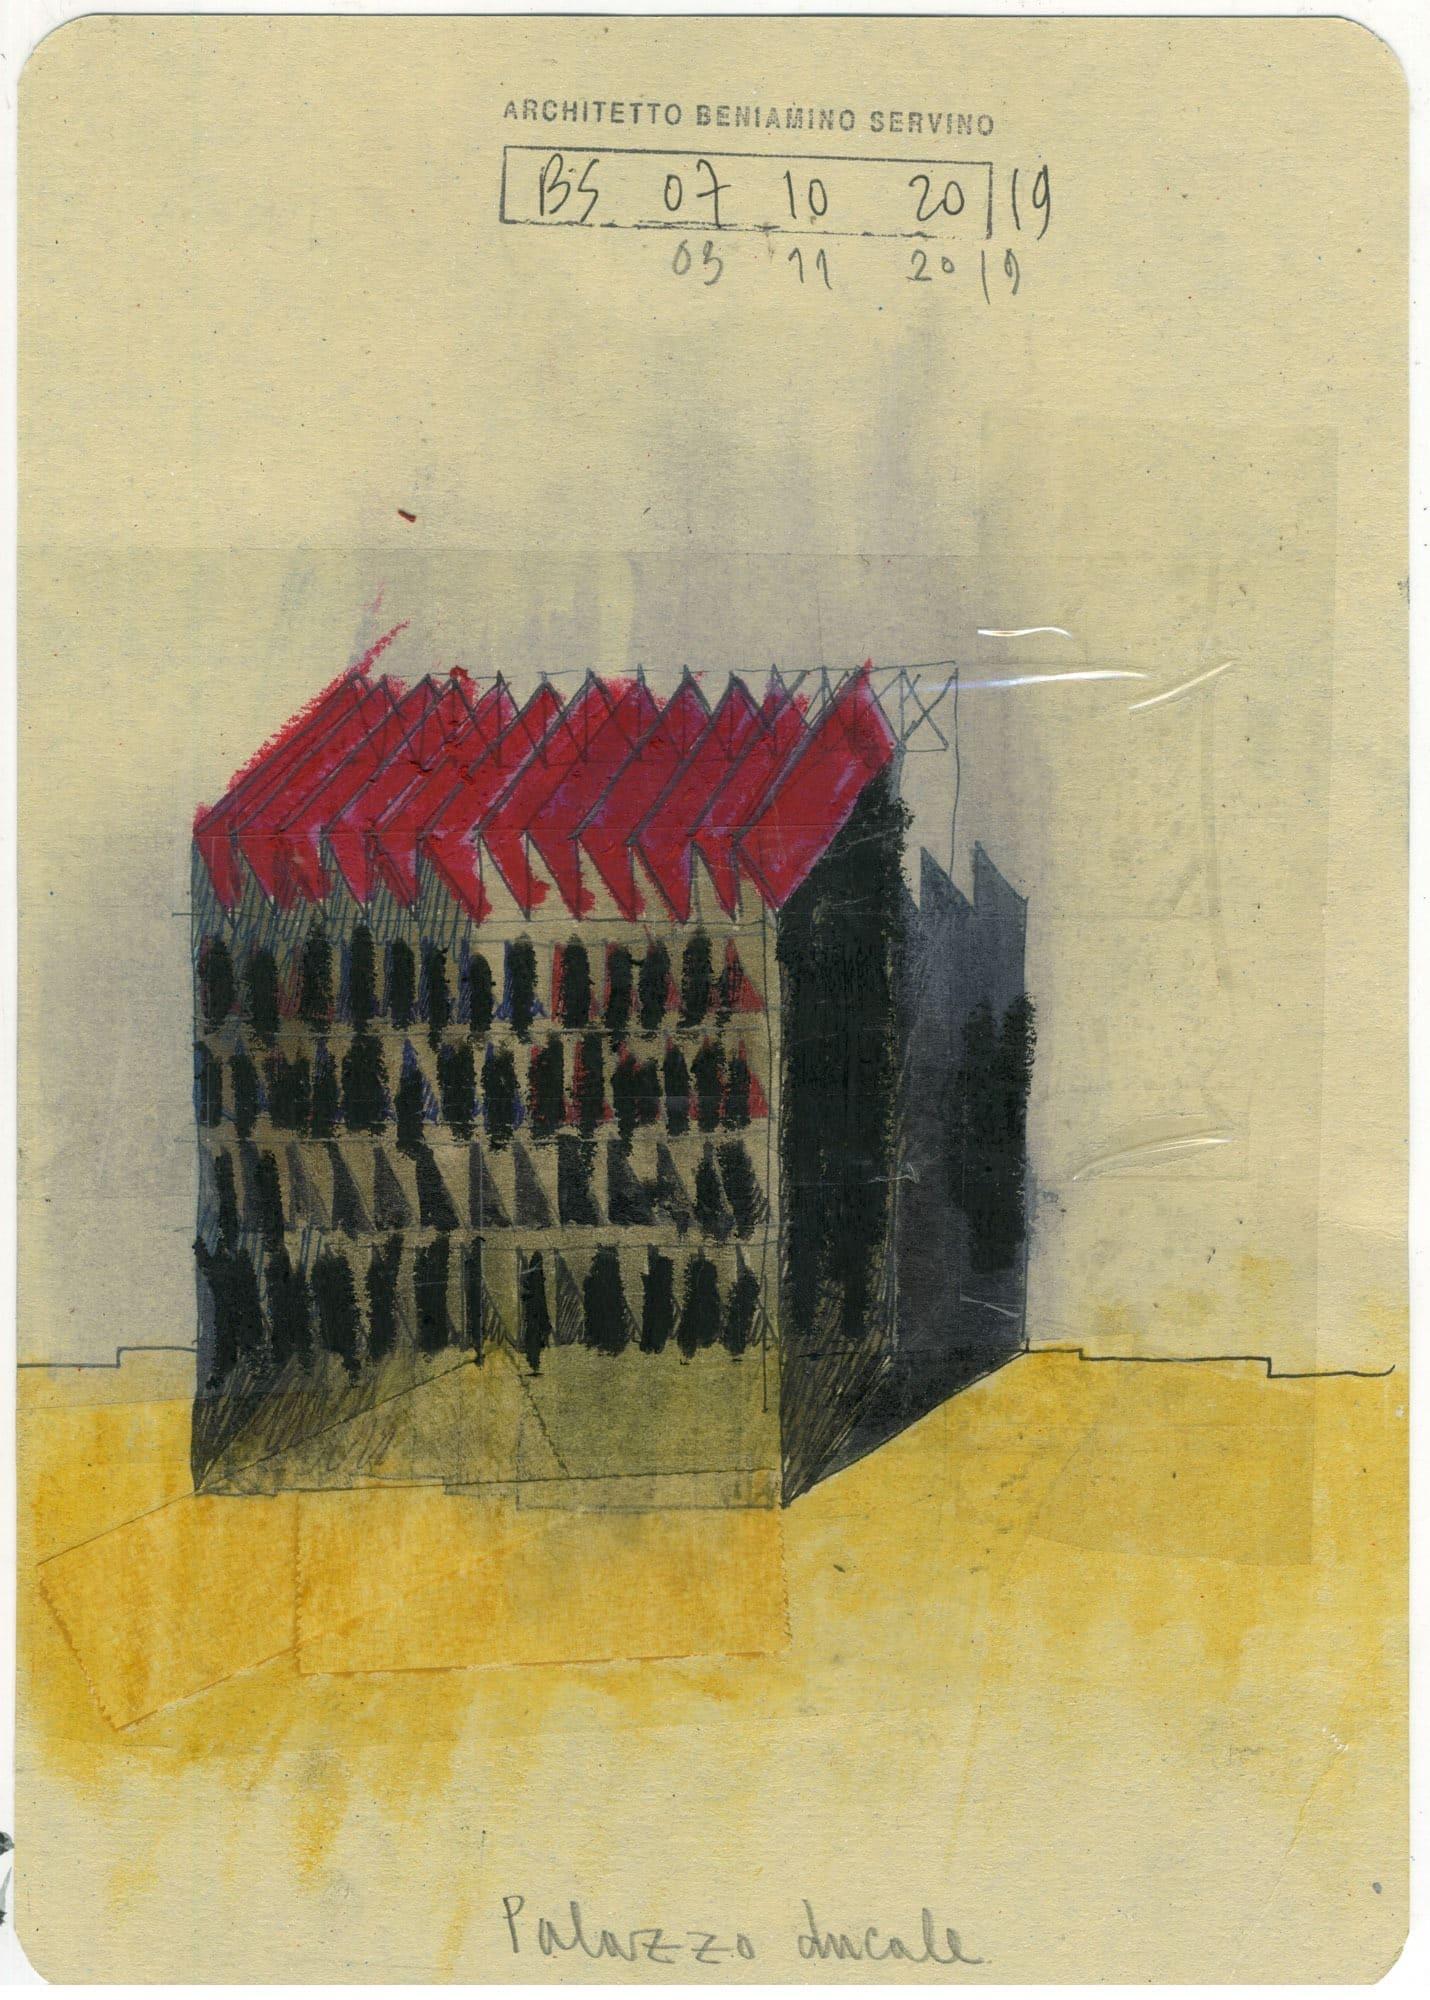 Beniamino Servino_Palazzo ducale_(19,5 x 27,5cm). Penna al gel di inchiostro, matita, pastelli a olio, nastro adesivo trasparente su cartoncino